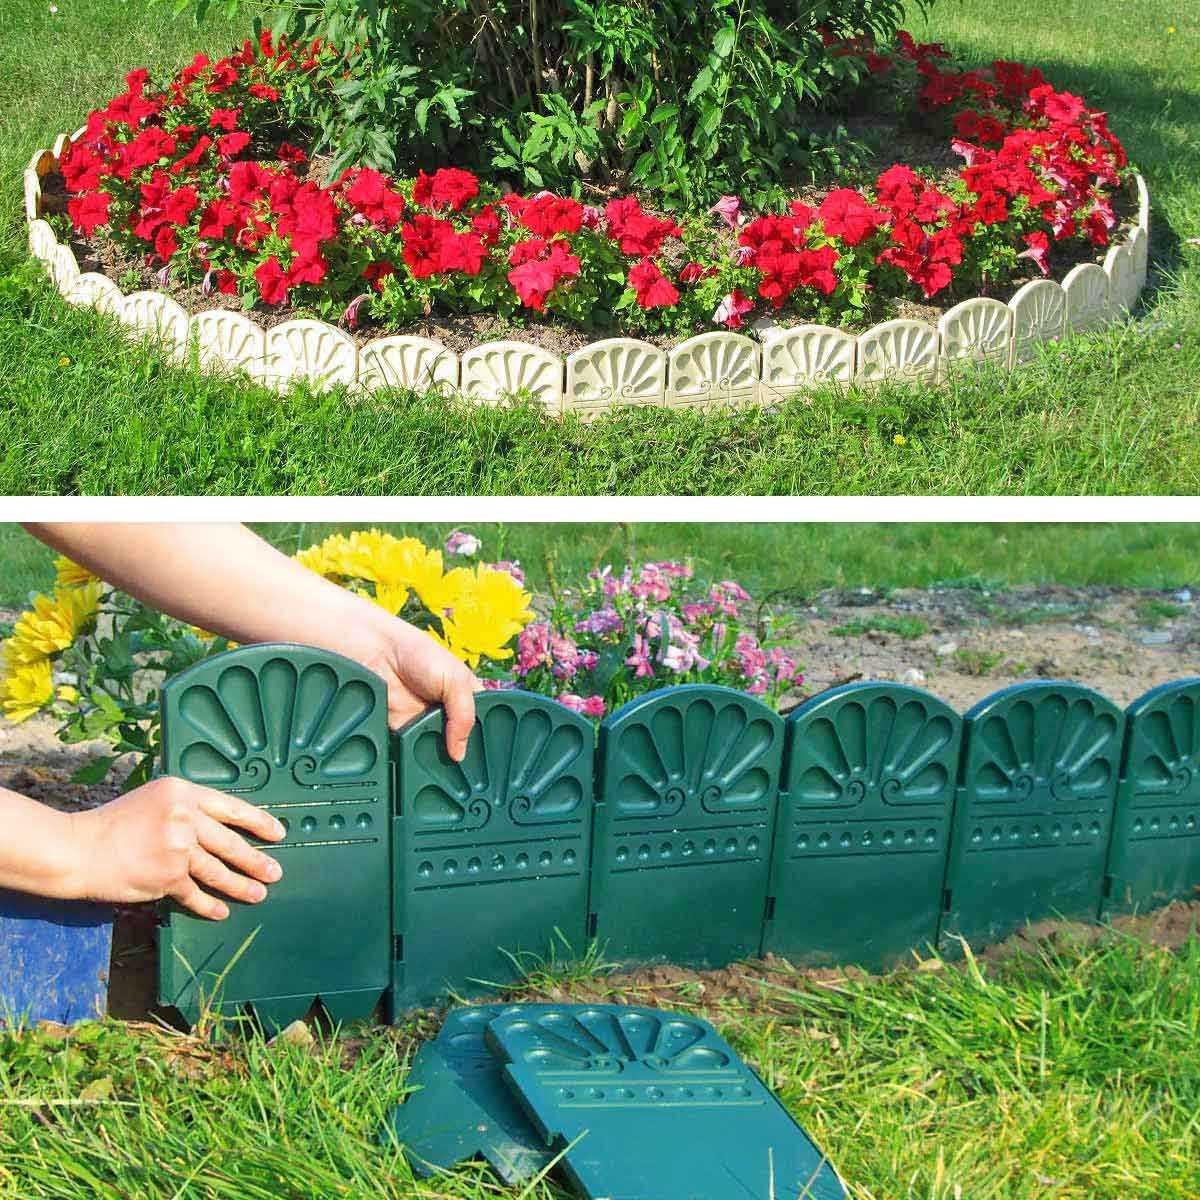 Bordures Décoratives De Jardin En Plastique intérieur Bordure Jardin Pvc